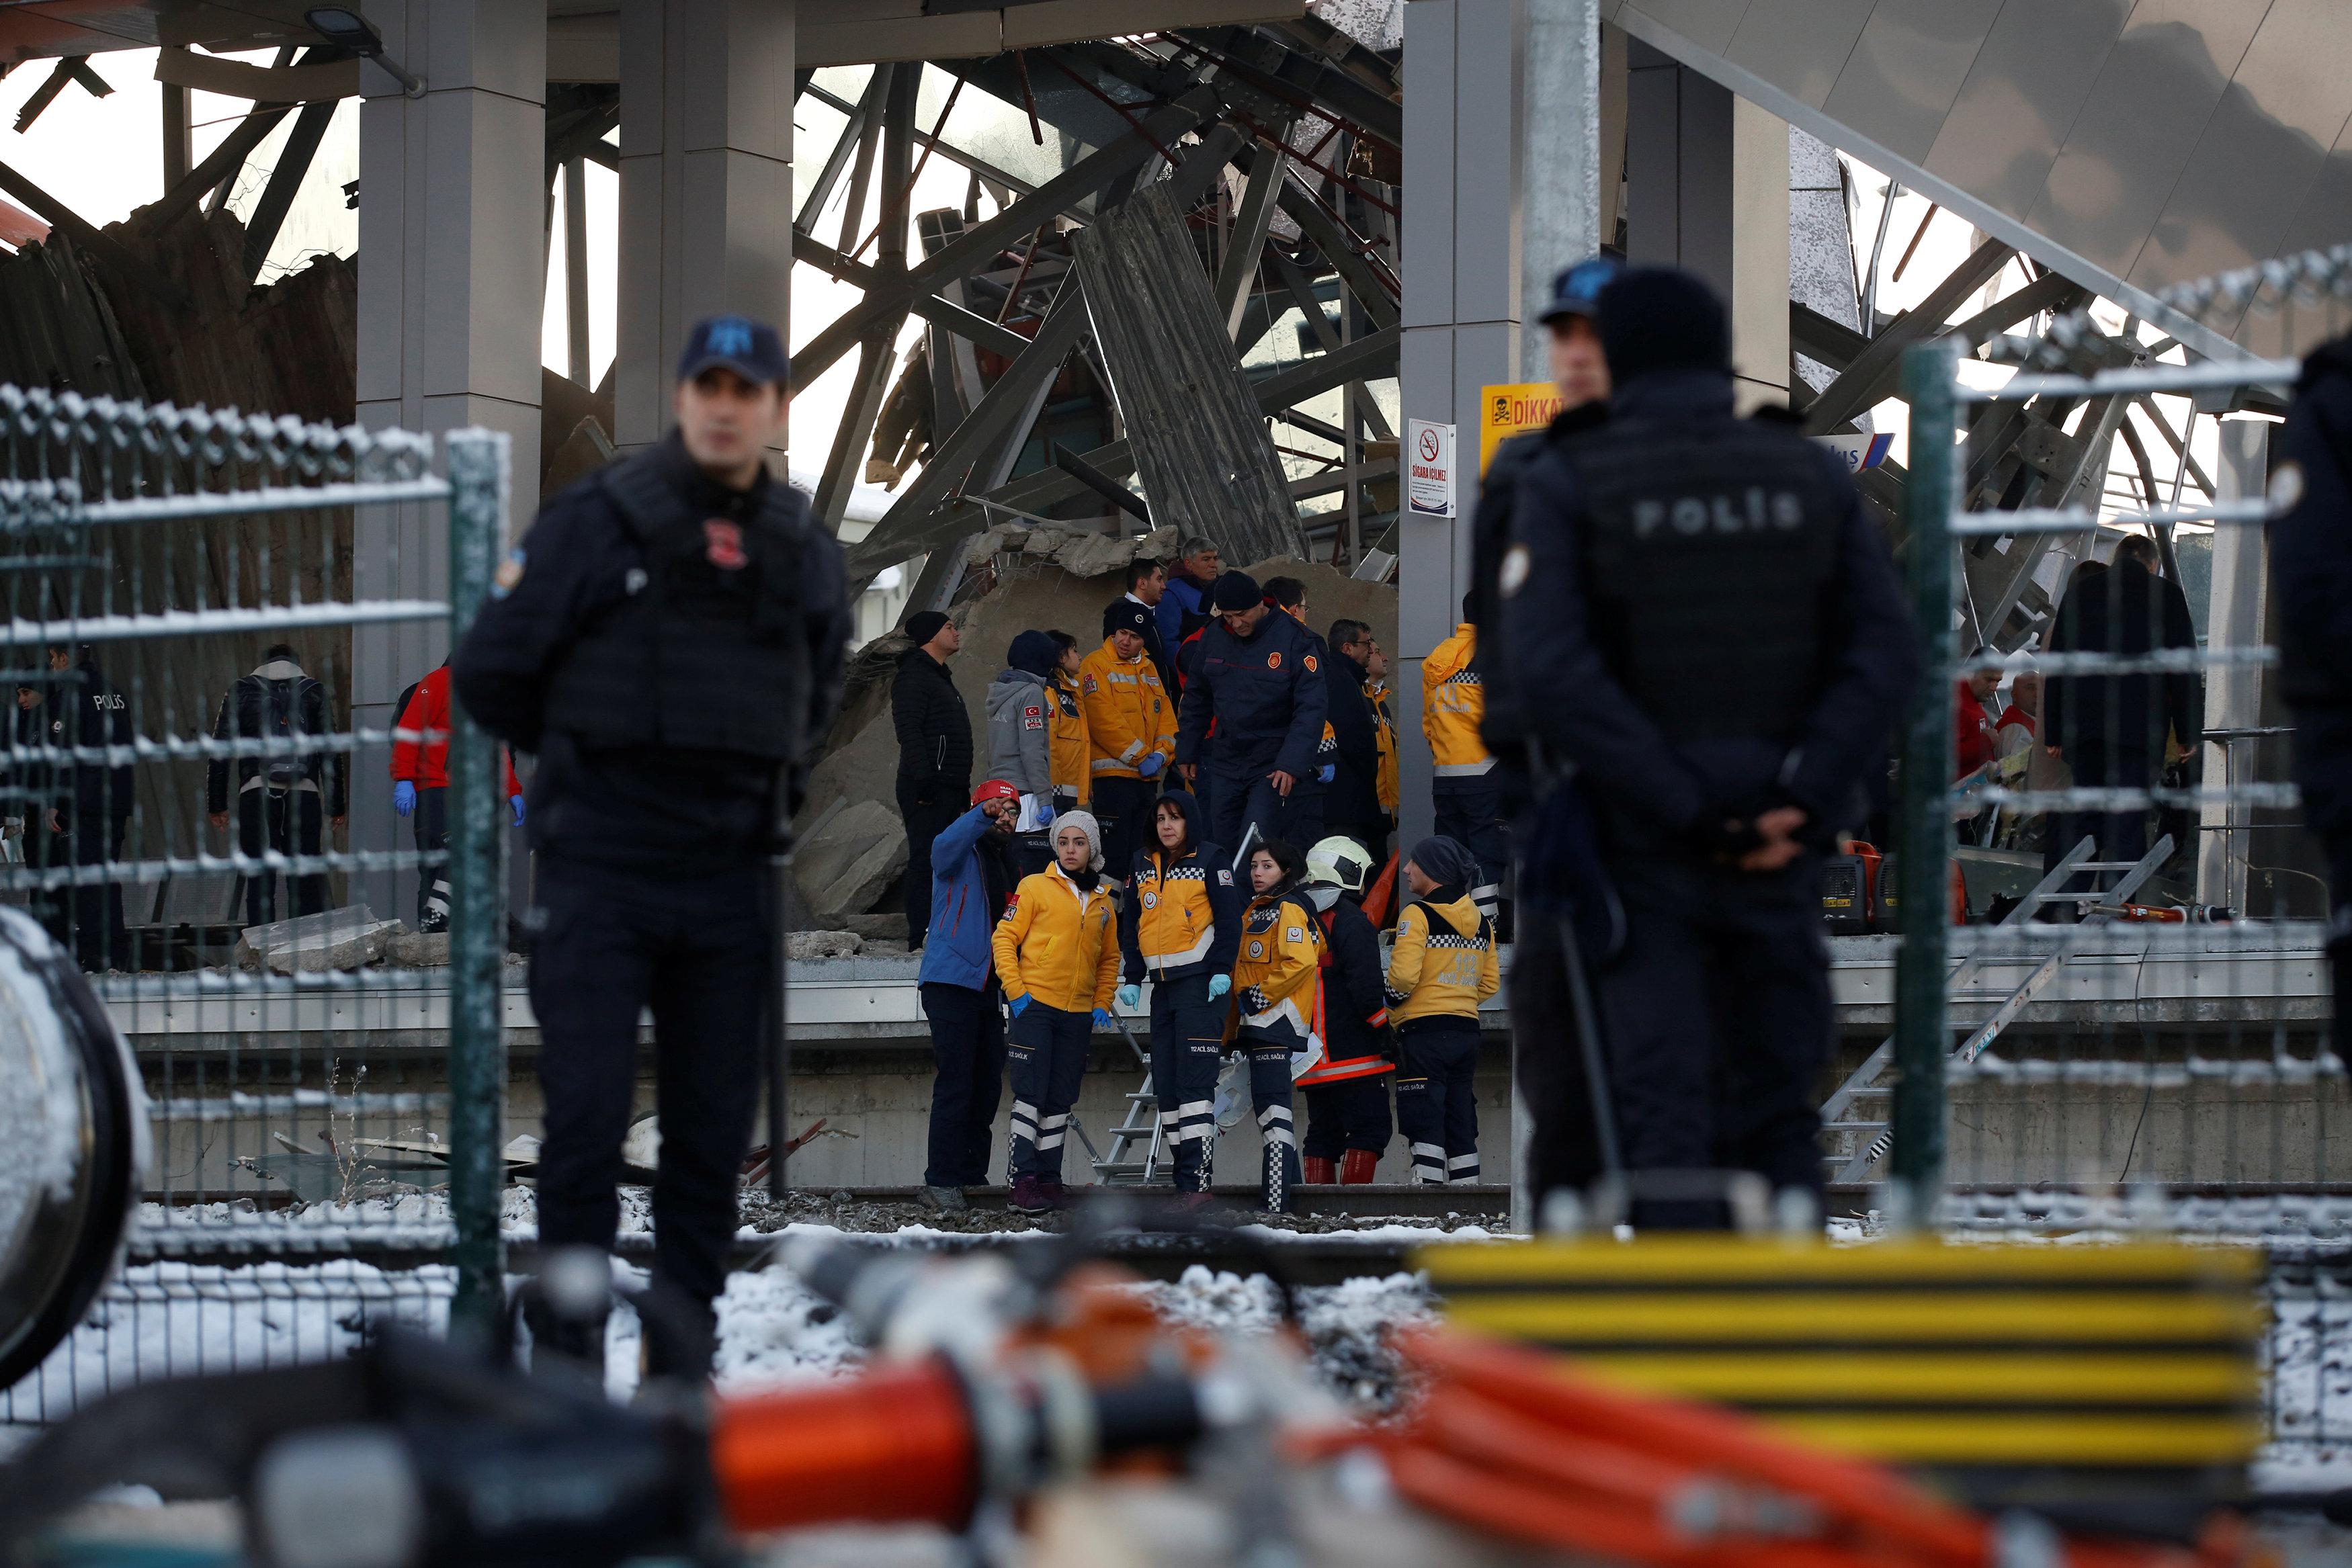 عمال الإنقاذ فى موقع الحادث